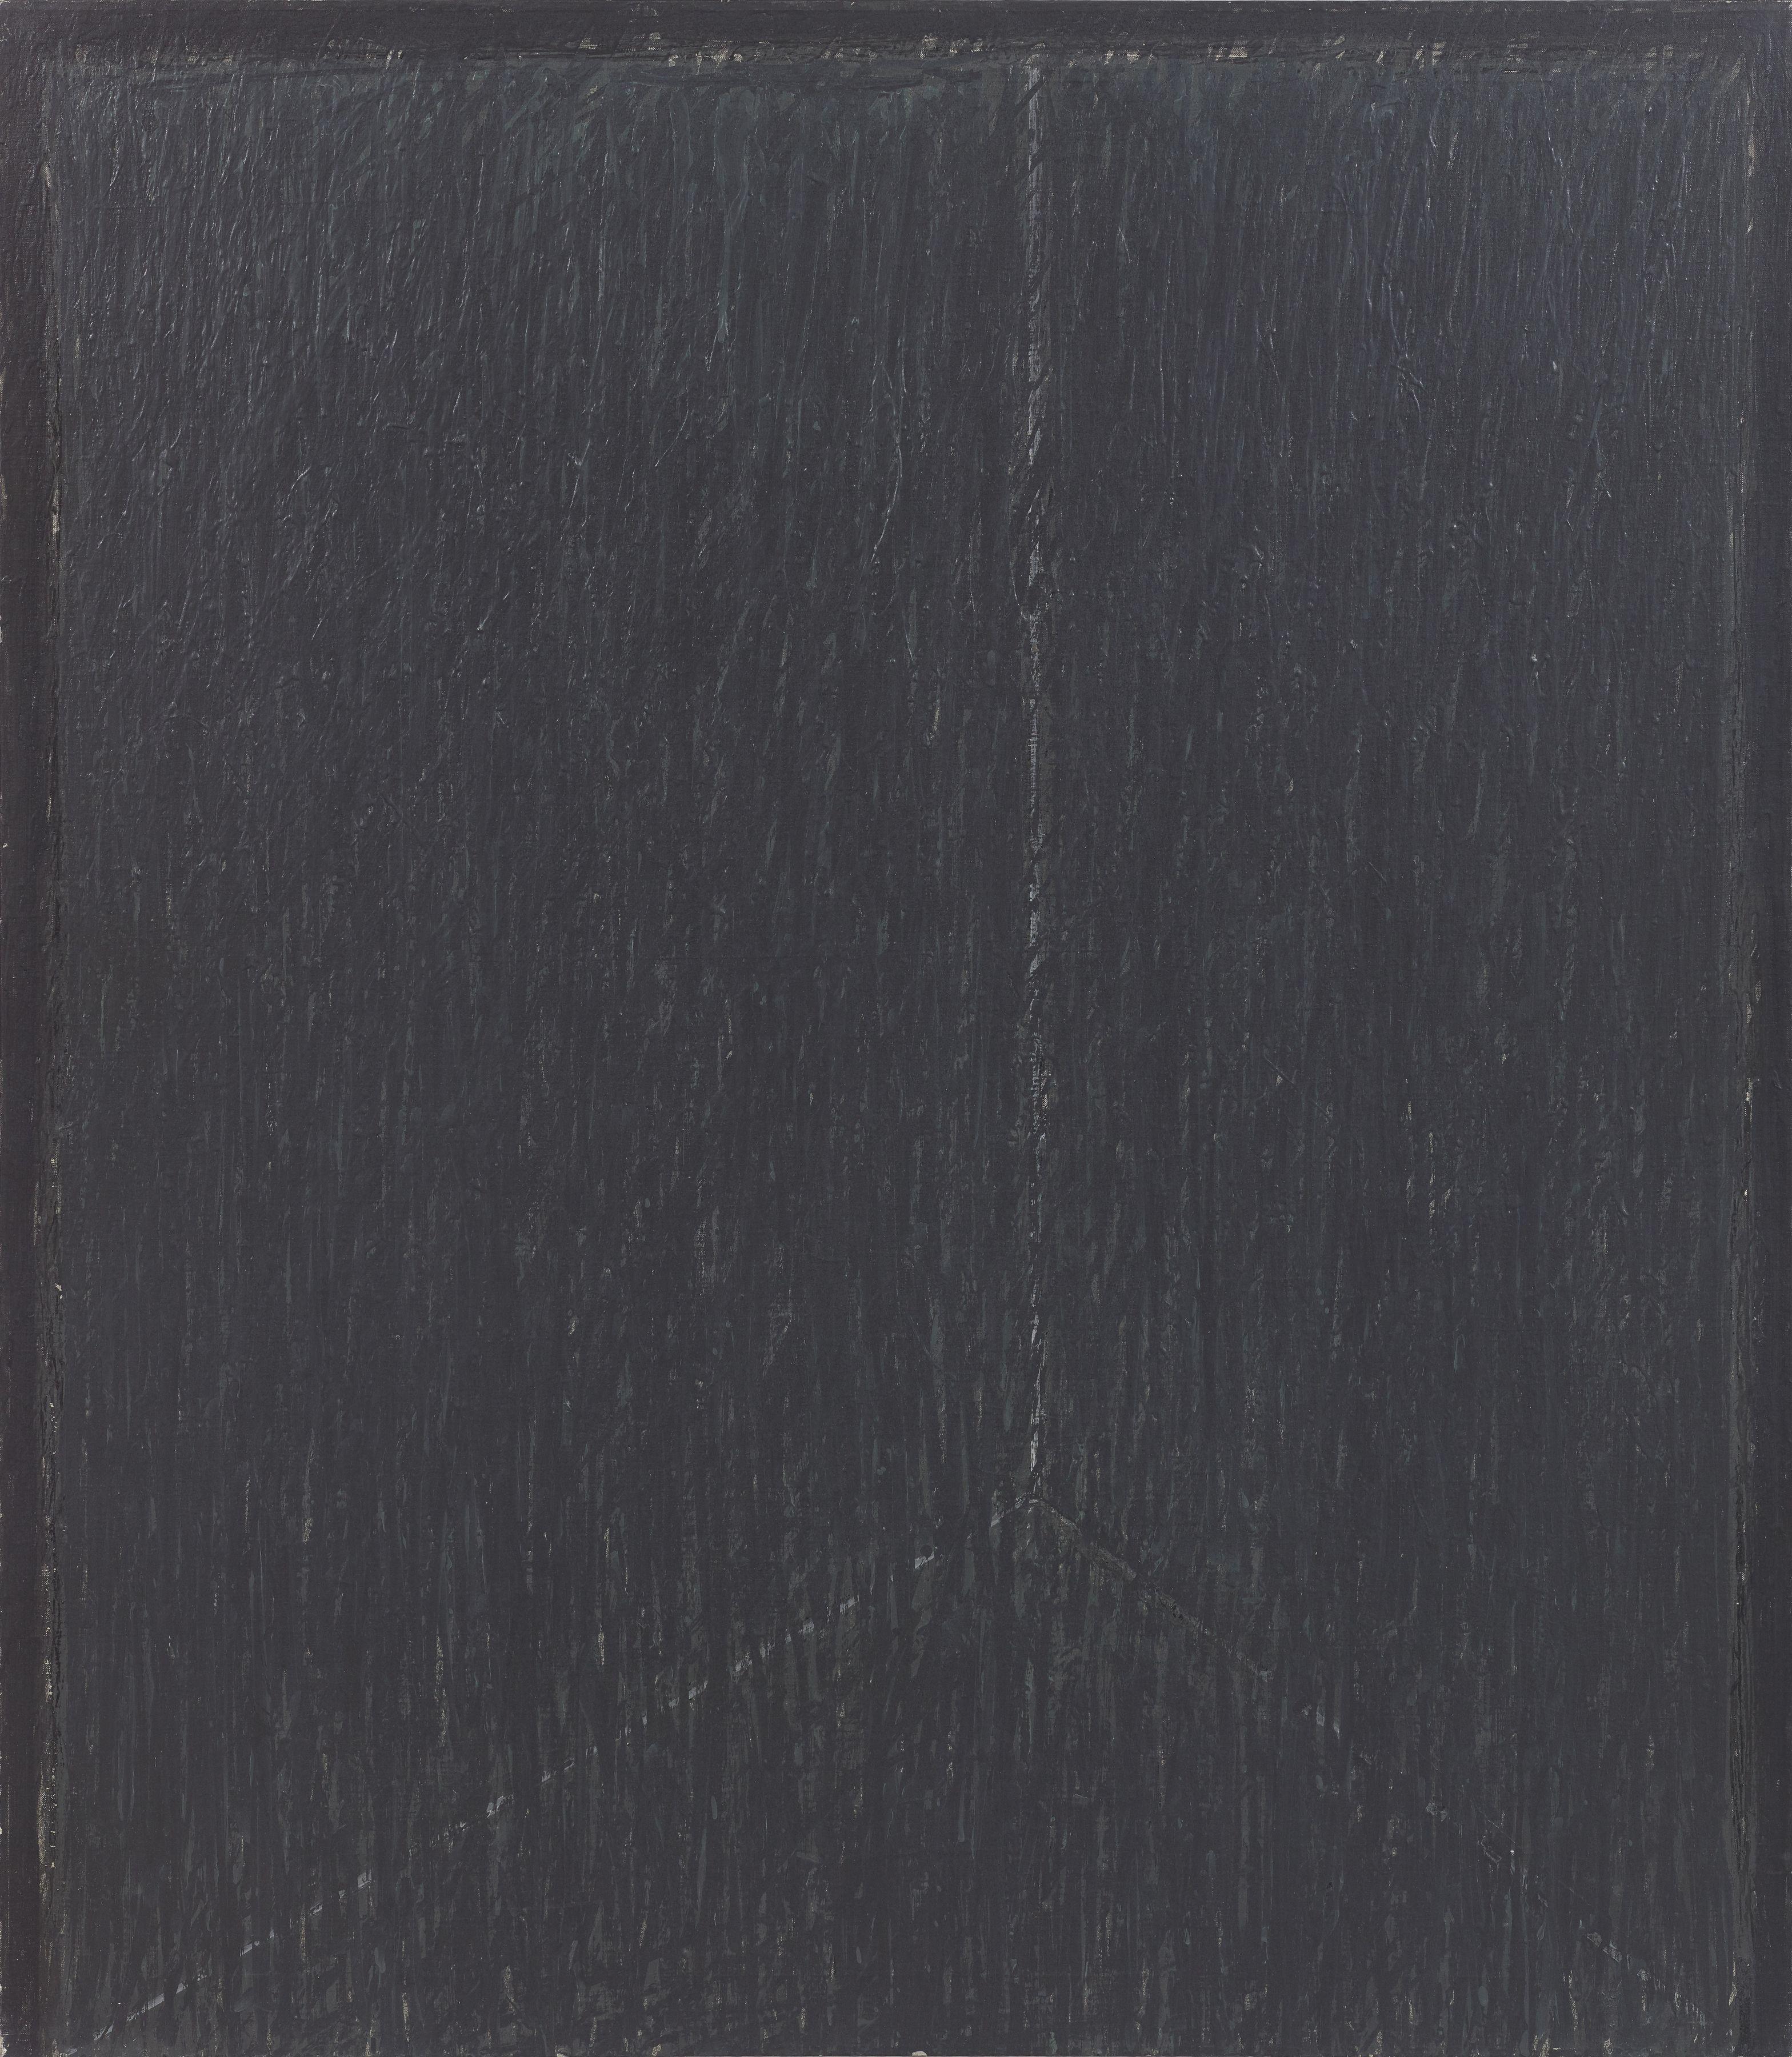 SS-68 #2, 1968, Oil on linen